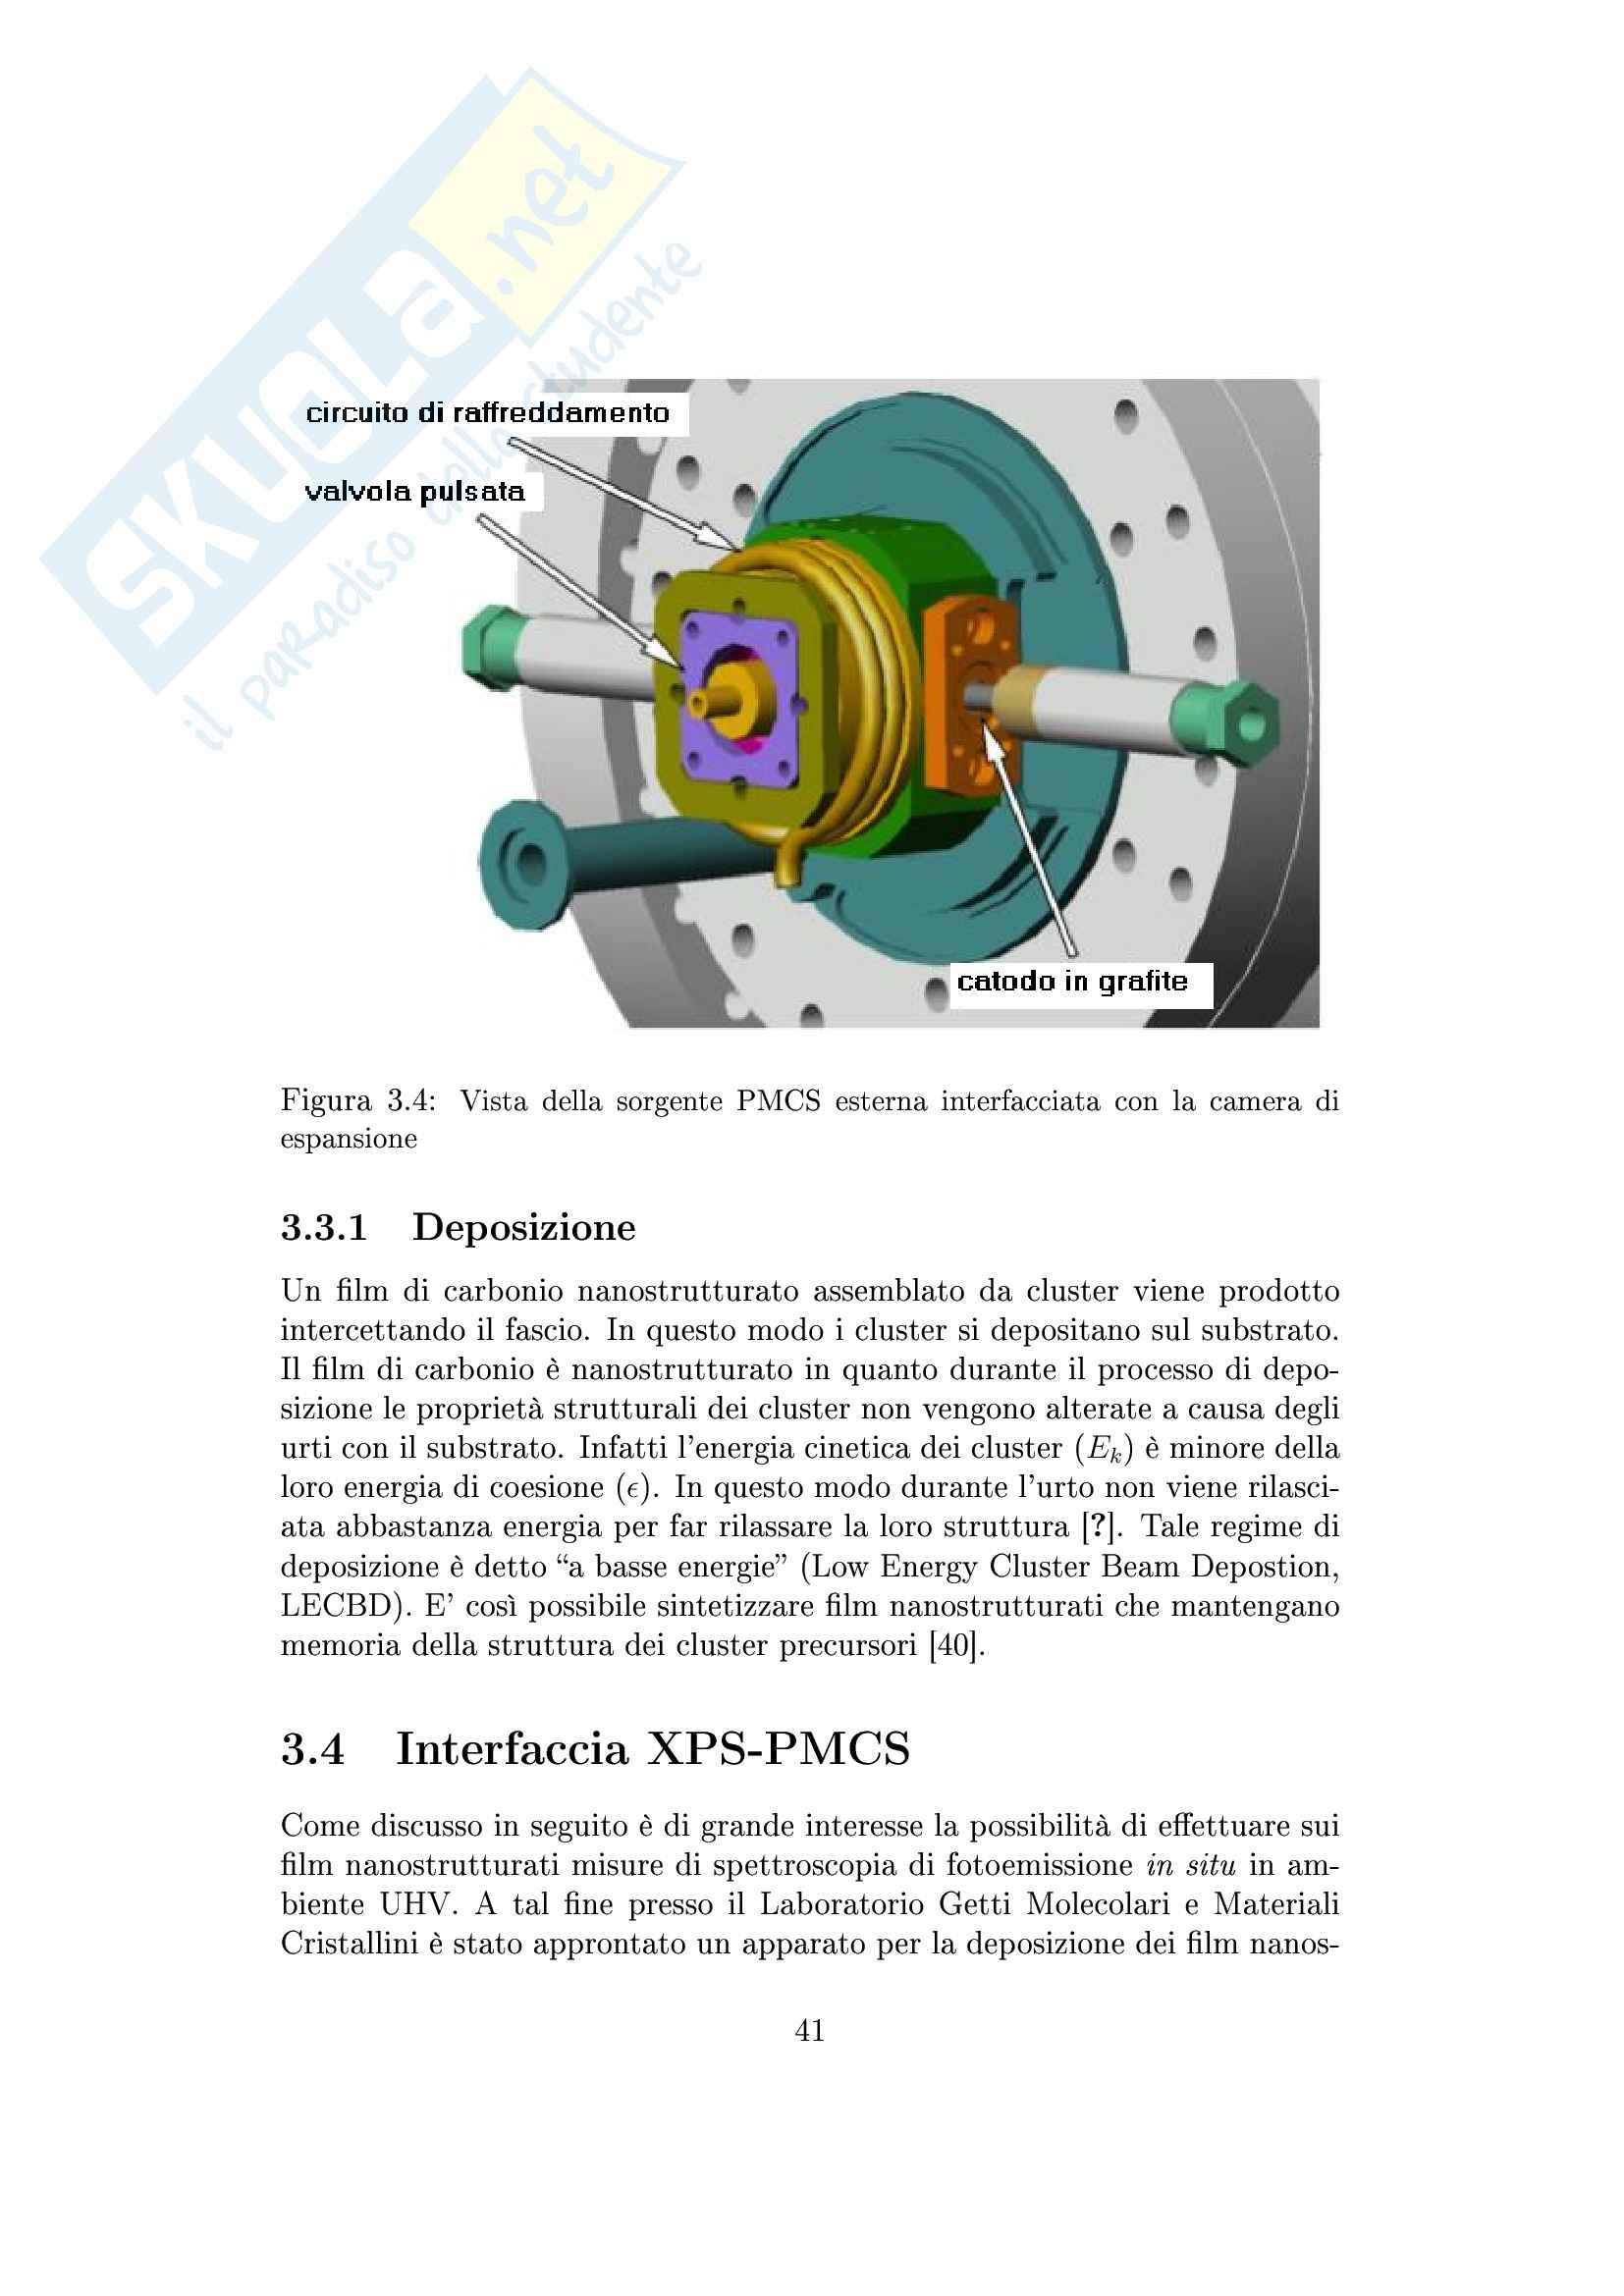 Tesi - Studio della struttura elettronica dei livelli profondi di fil di carbonio nanostrutturato depositati con fasci supersonici di cluster Pag. 41